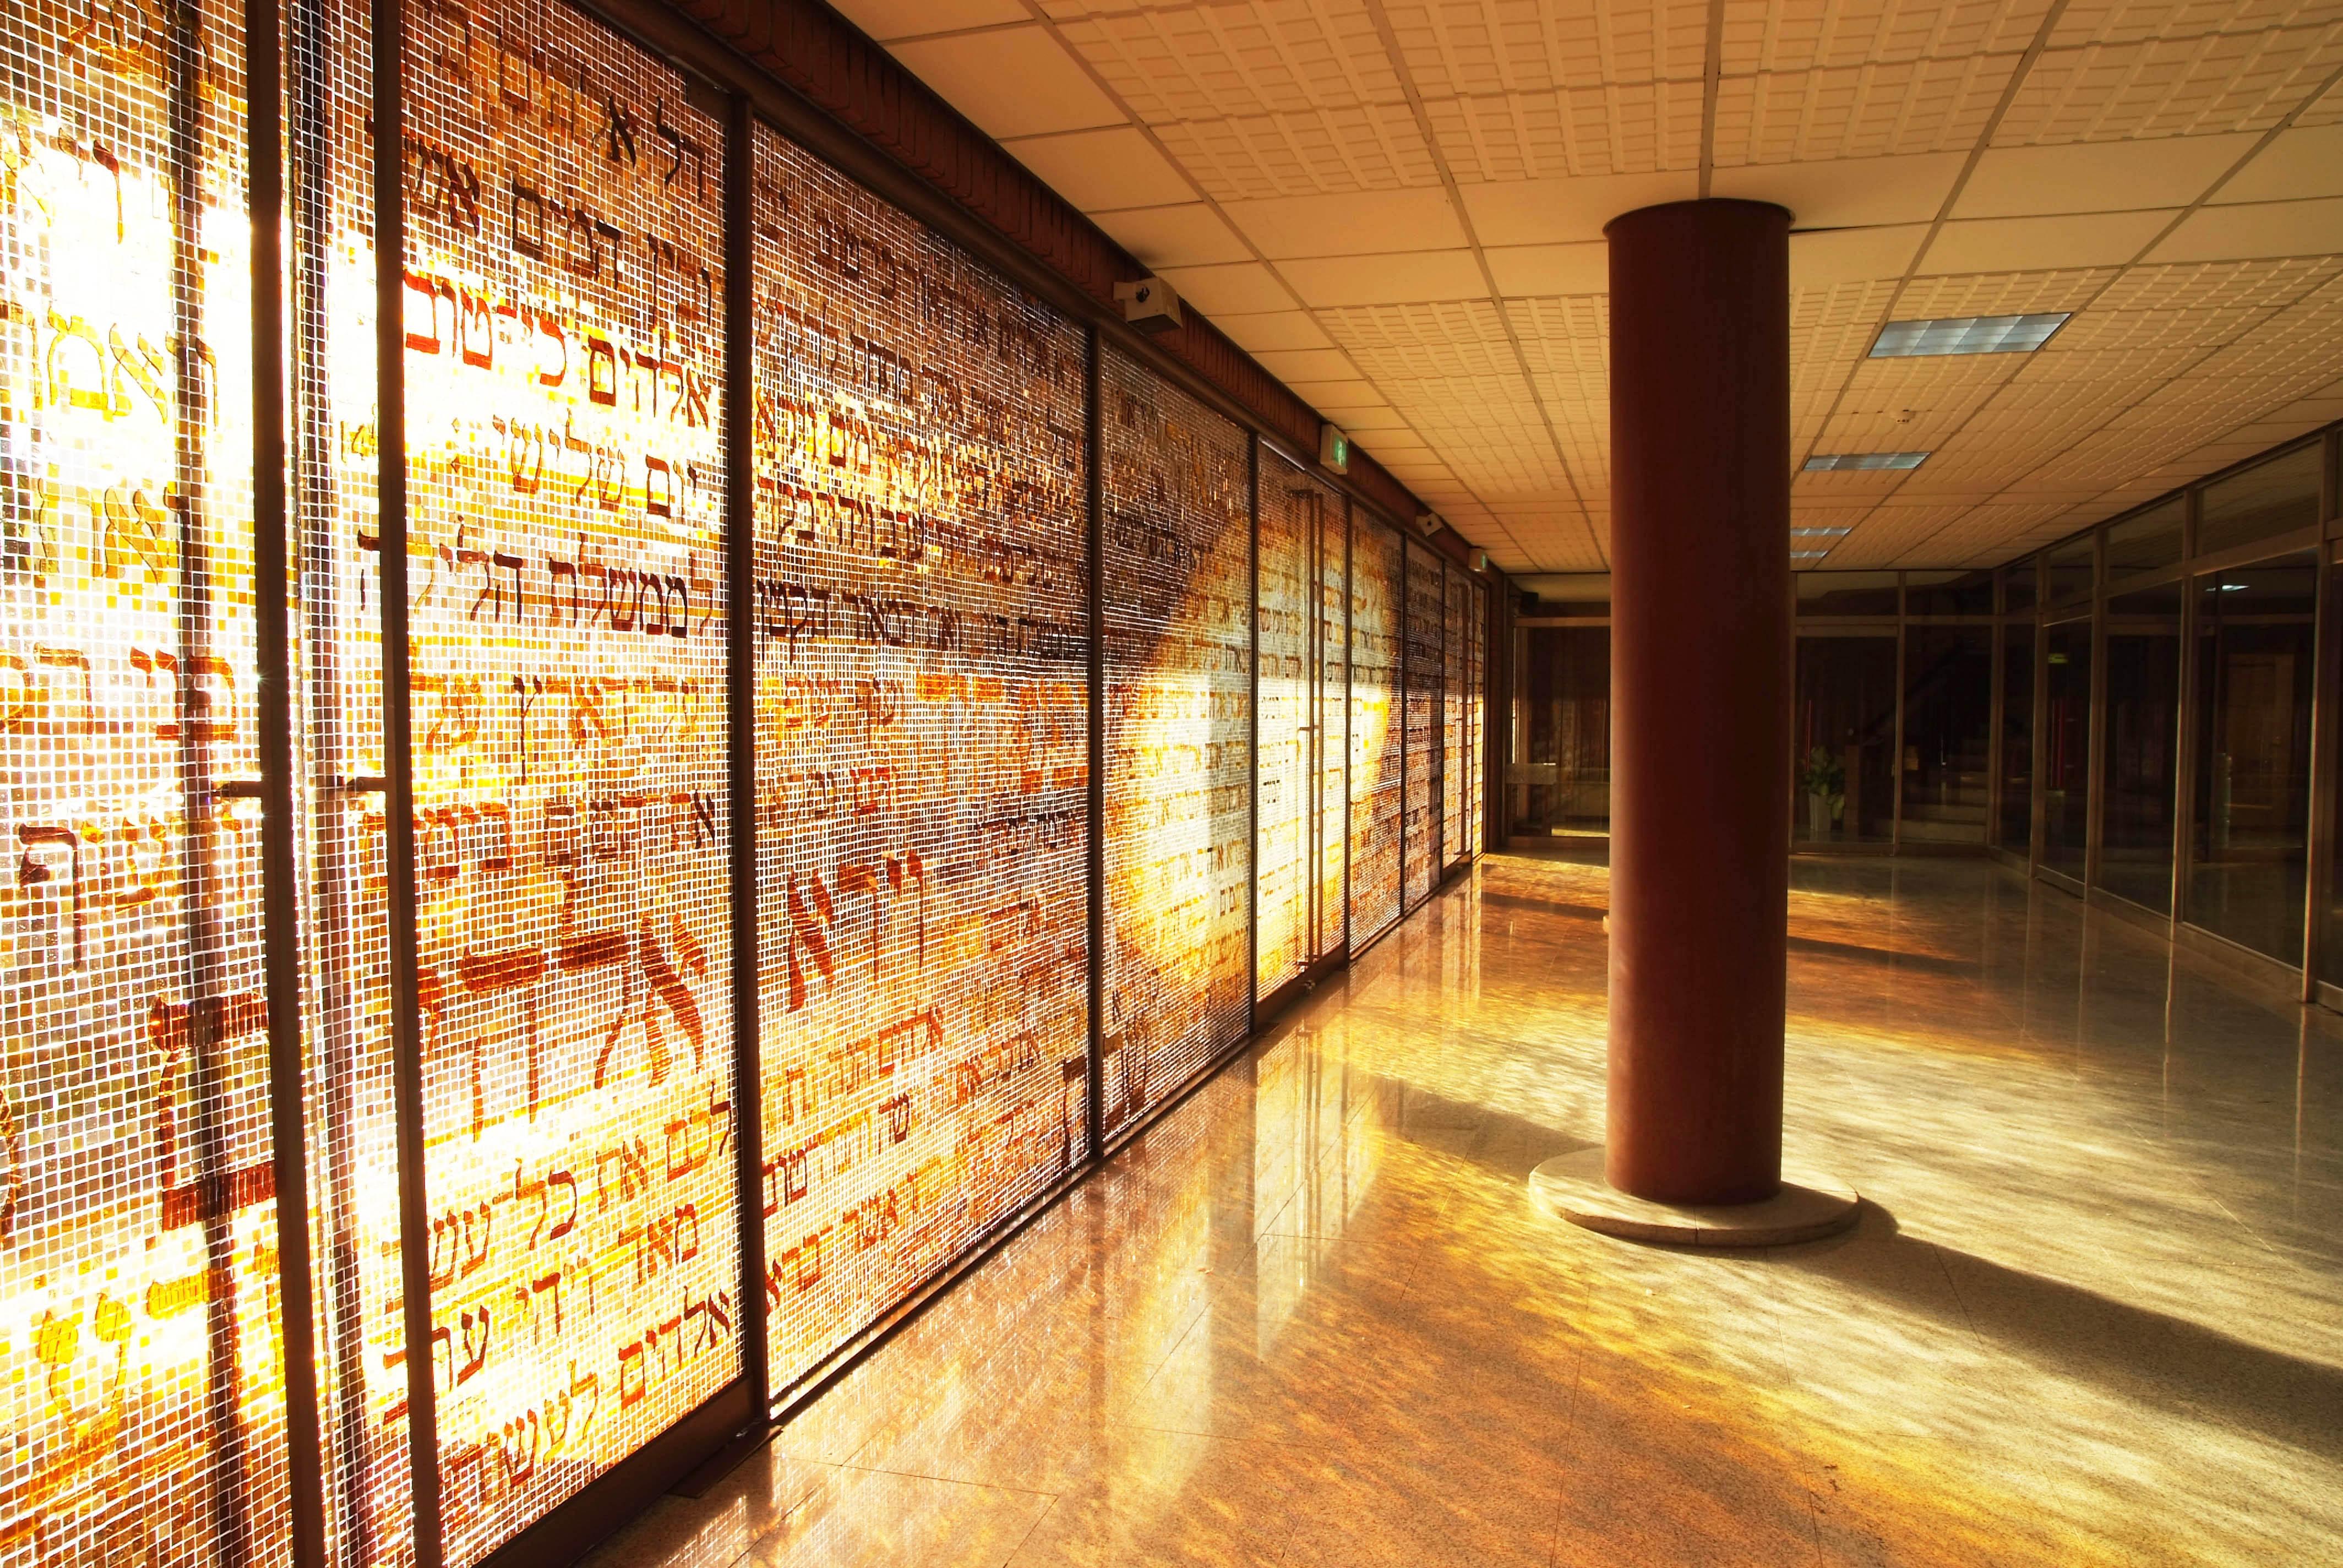 손승희, 부산 가톨릭 대학교  신학대학  천지창조의 말씀, antique glass, 2008